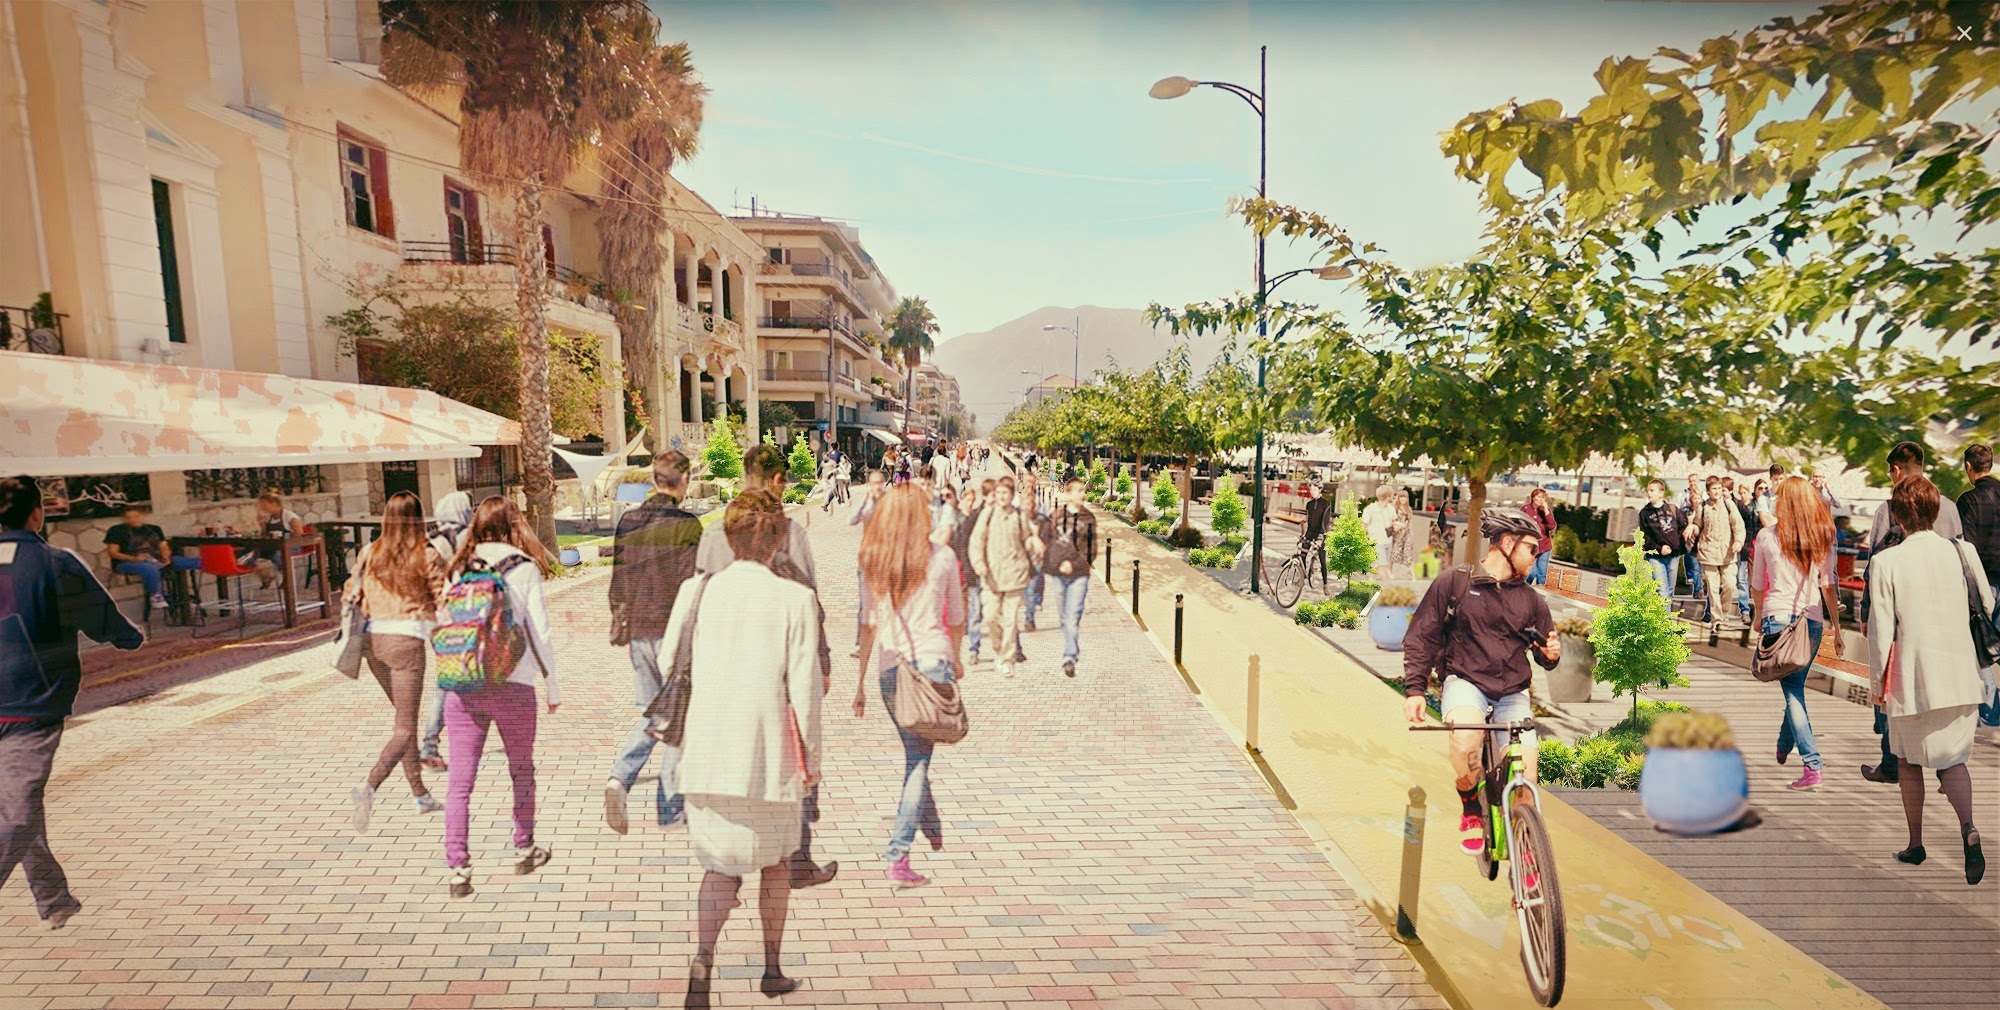 Σπόρος: Μια ματιά στο μέλλον της πόλης